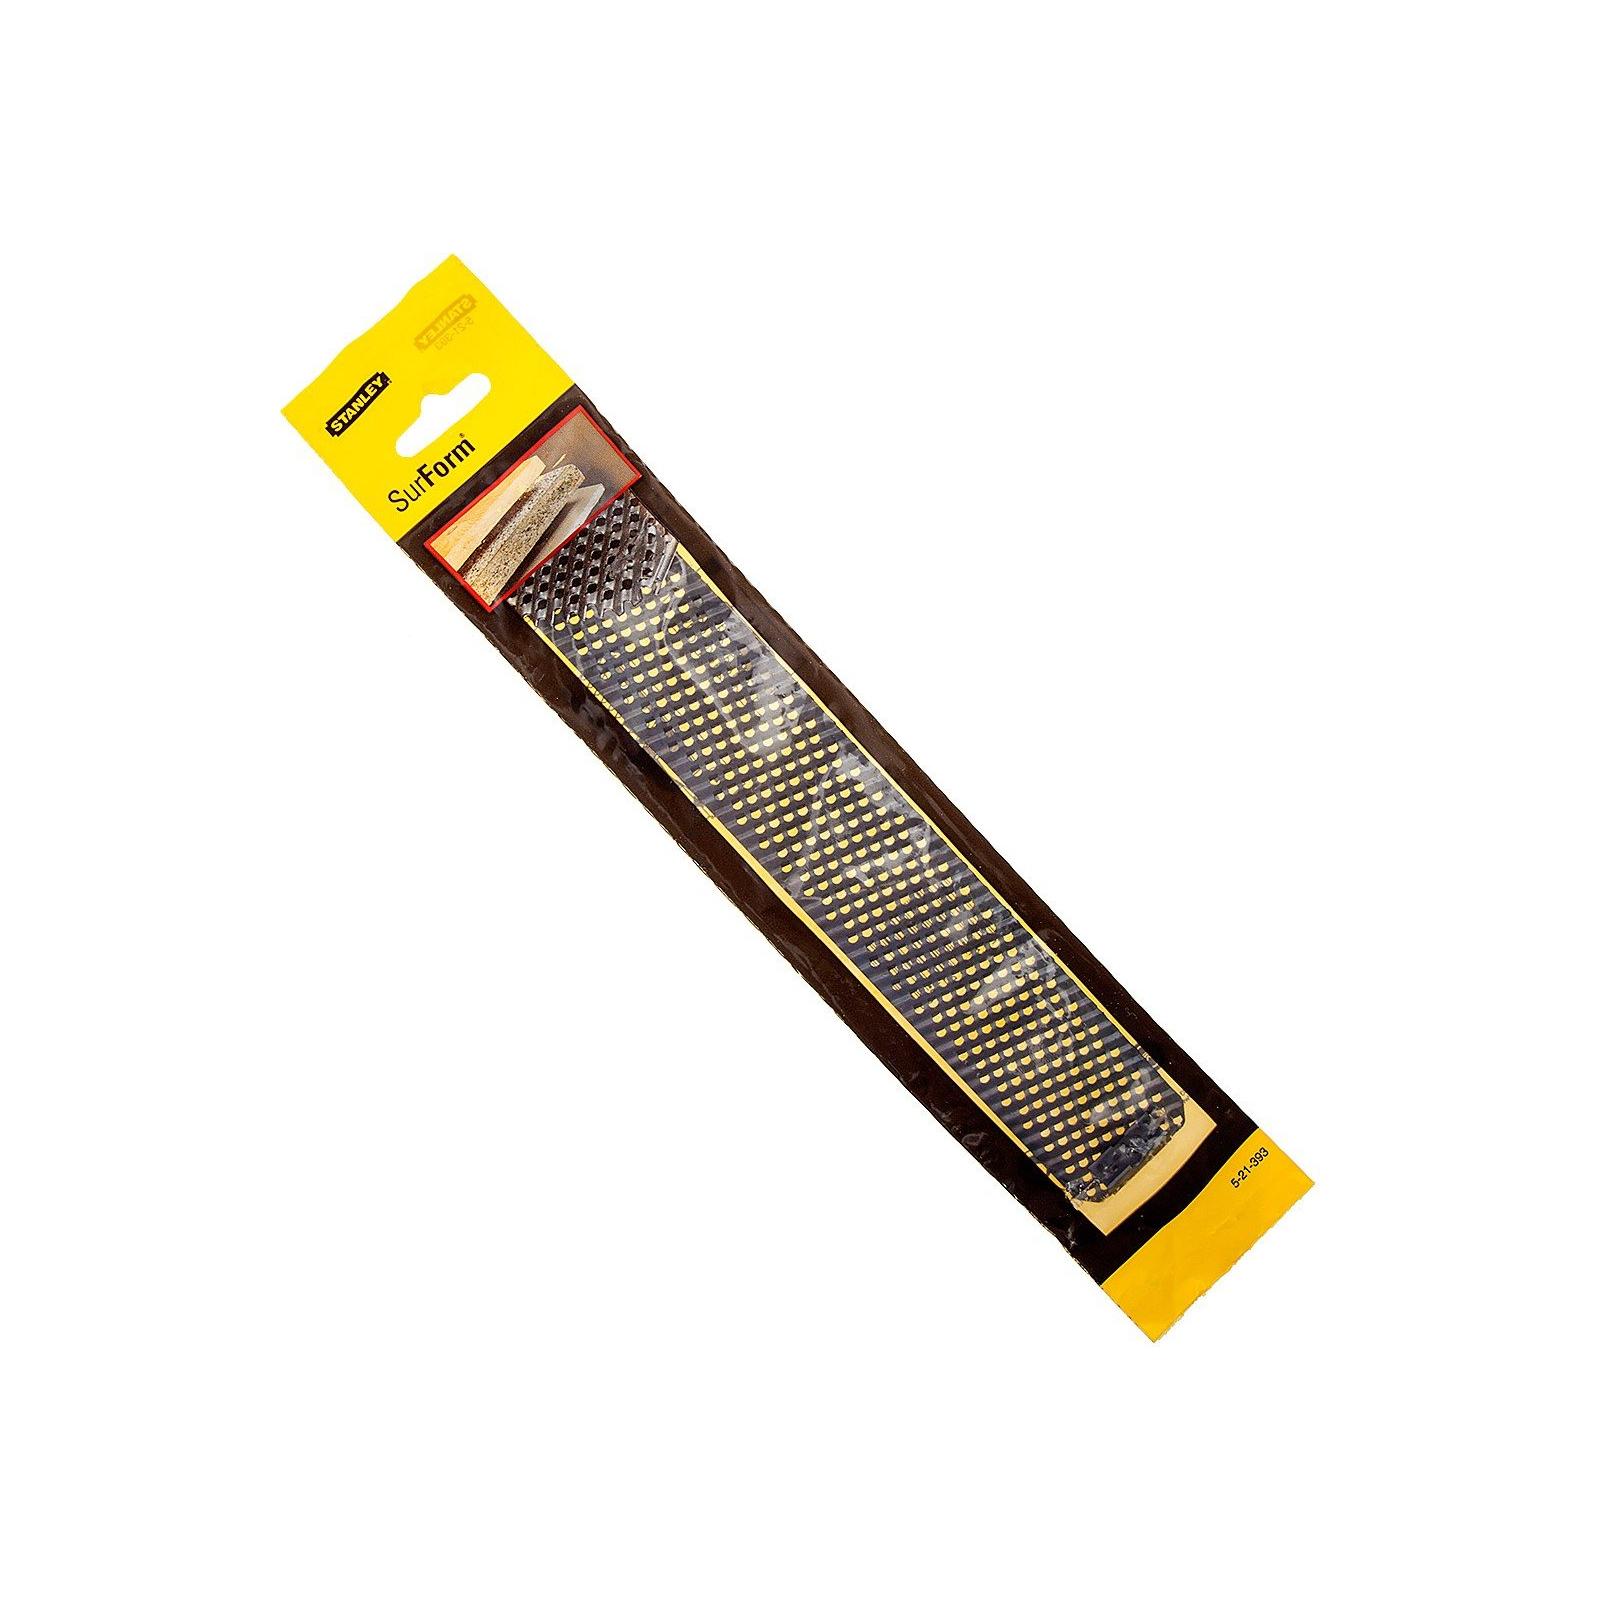 Лезвие Stanley для рашпиля с мелкой насечкой, L=250мм (5-21-393) изображение 3